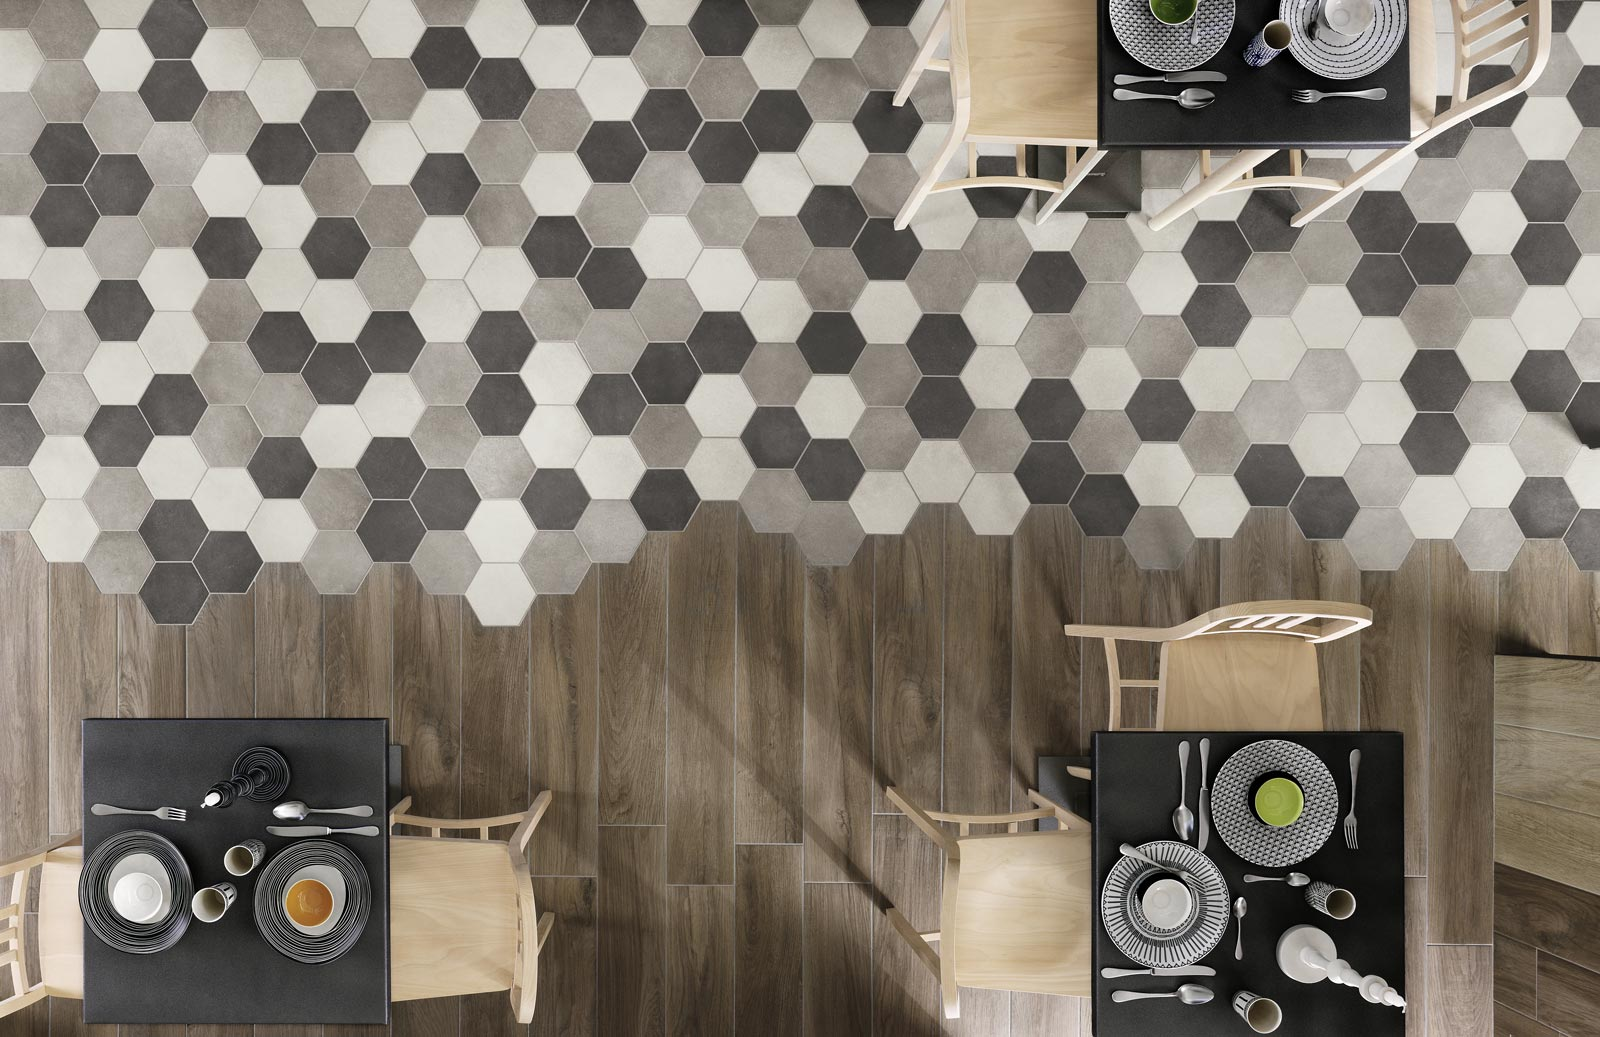 Conosciuto Collezione Rewind: Gres Porcellanato Effetto Cemento | Ragno JI77